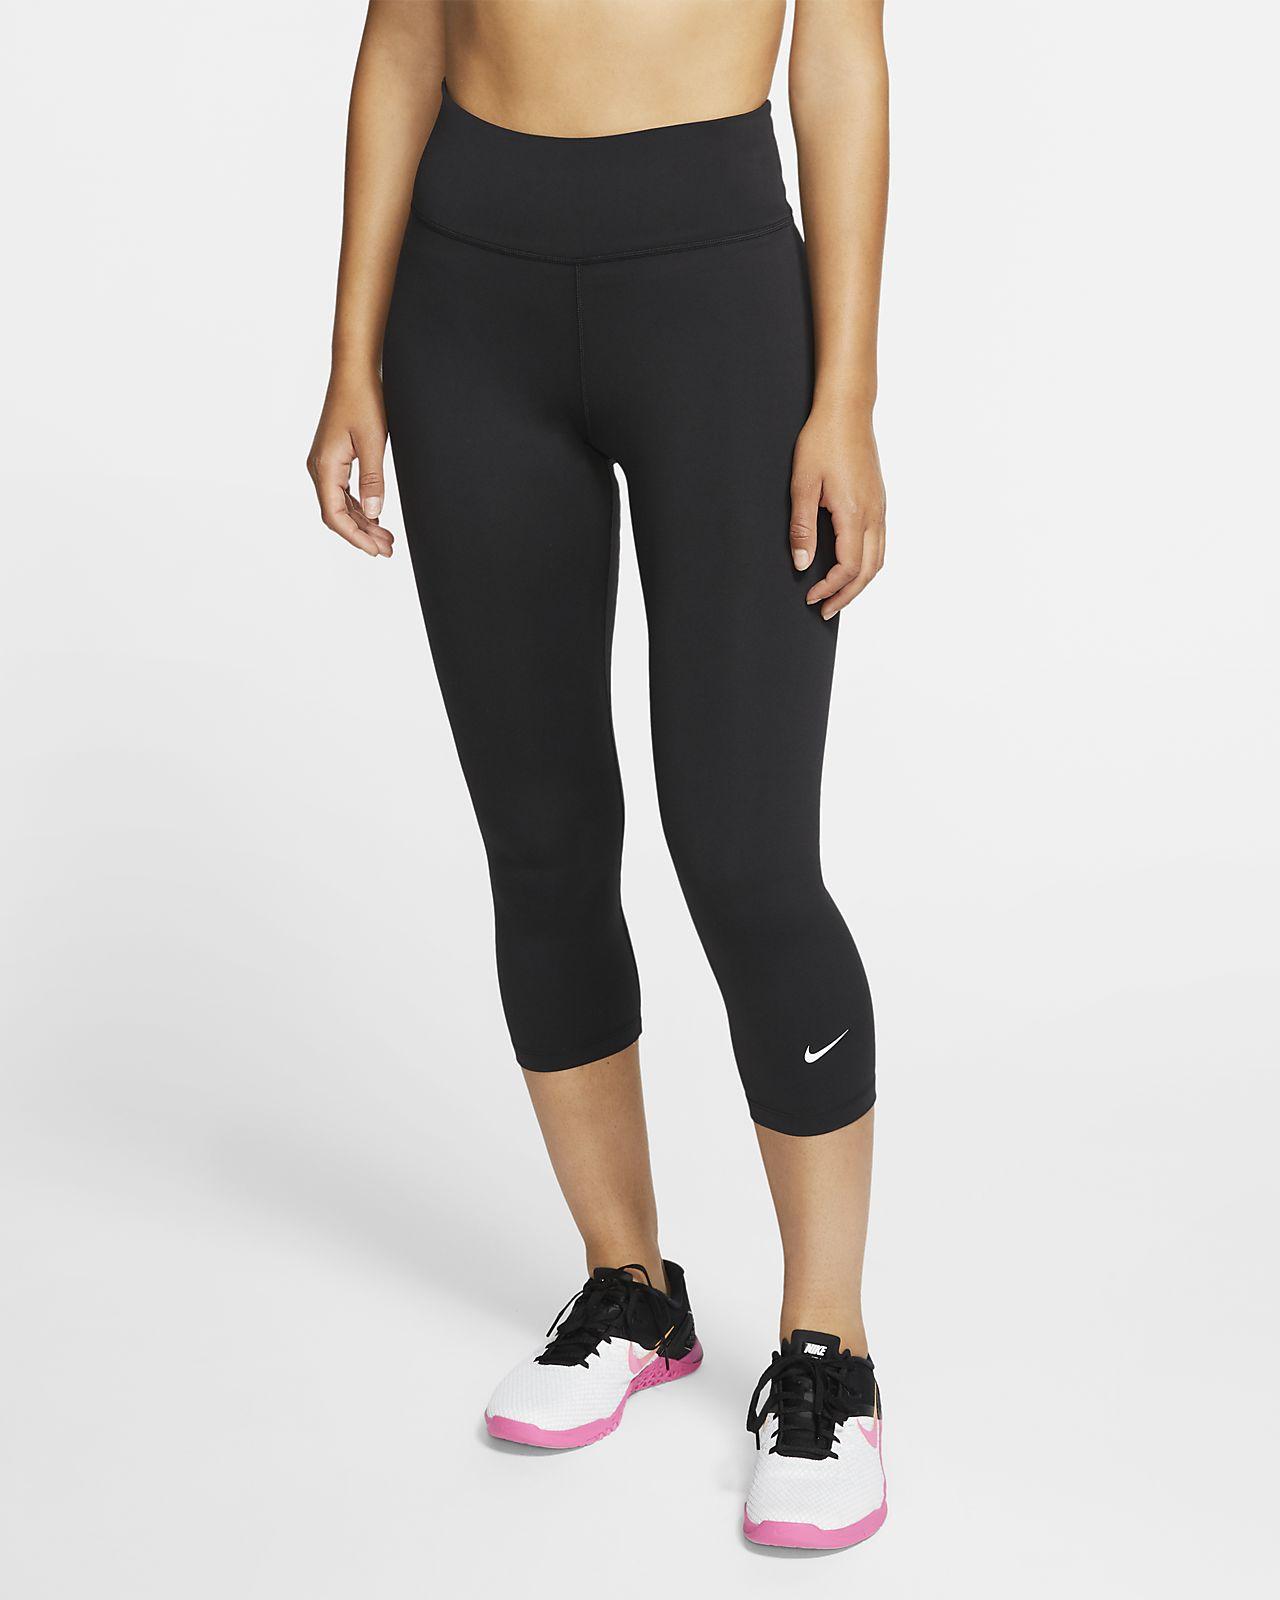 Nike One Kadın Kaprisi